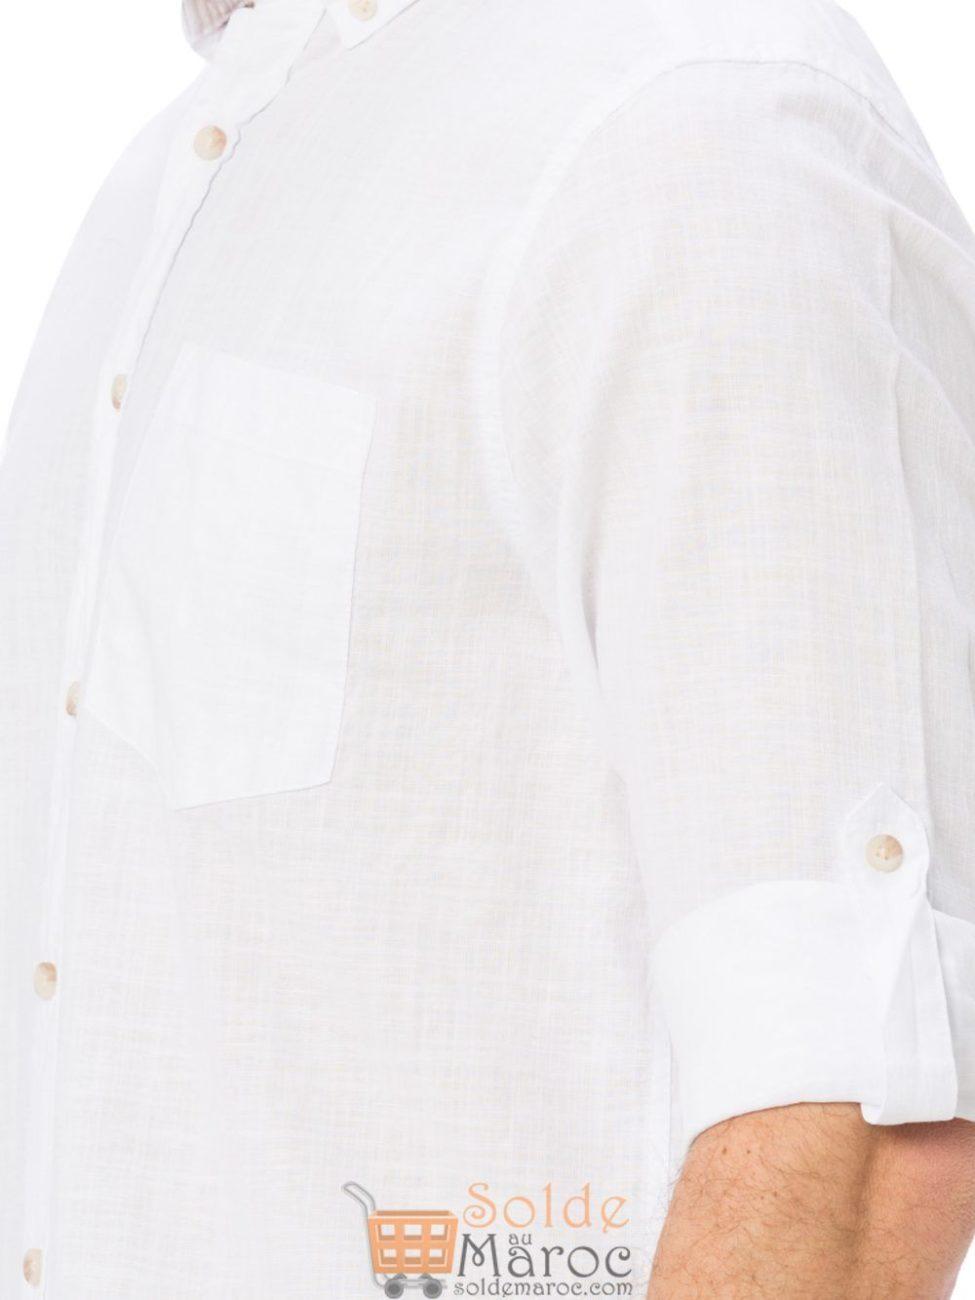 Soldes Lc Waikiki Maroc Chemise homme 59Dhs au lieu de 179Dhs